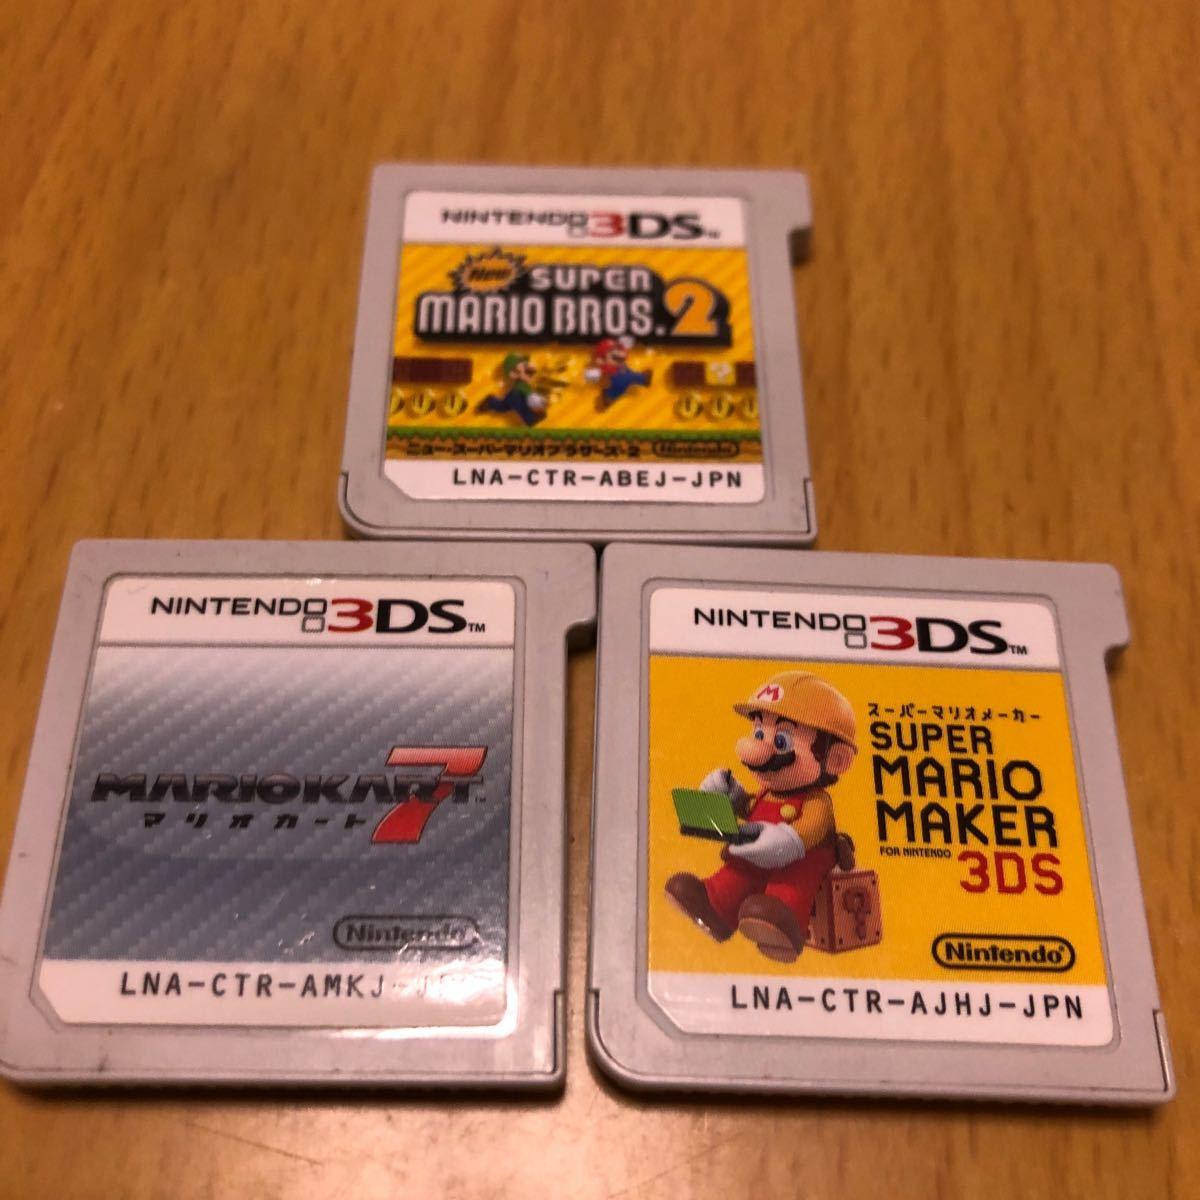 3DS New スーパーマリオブラザーズ2、スーパーマリオメーカー3DS、マリオカート7